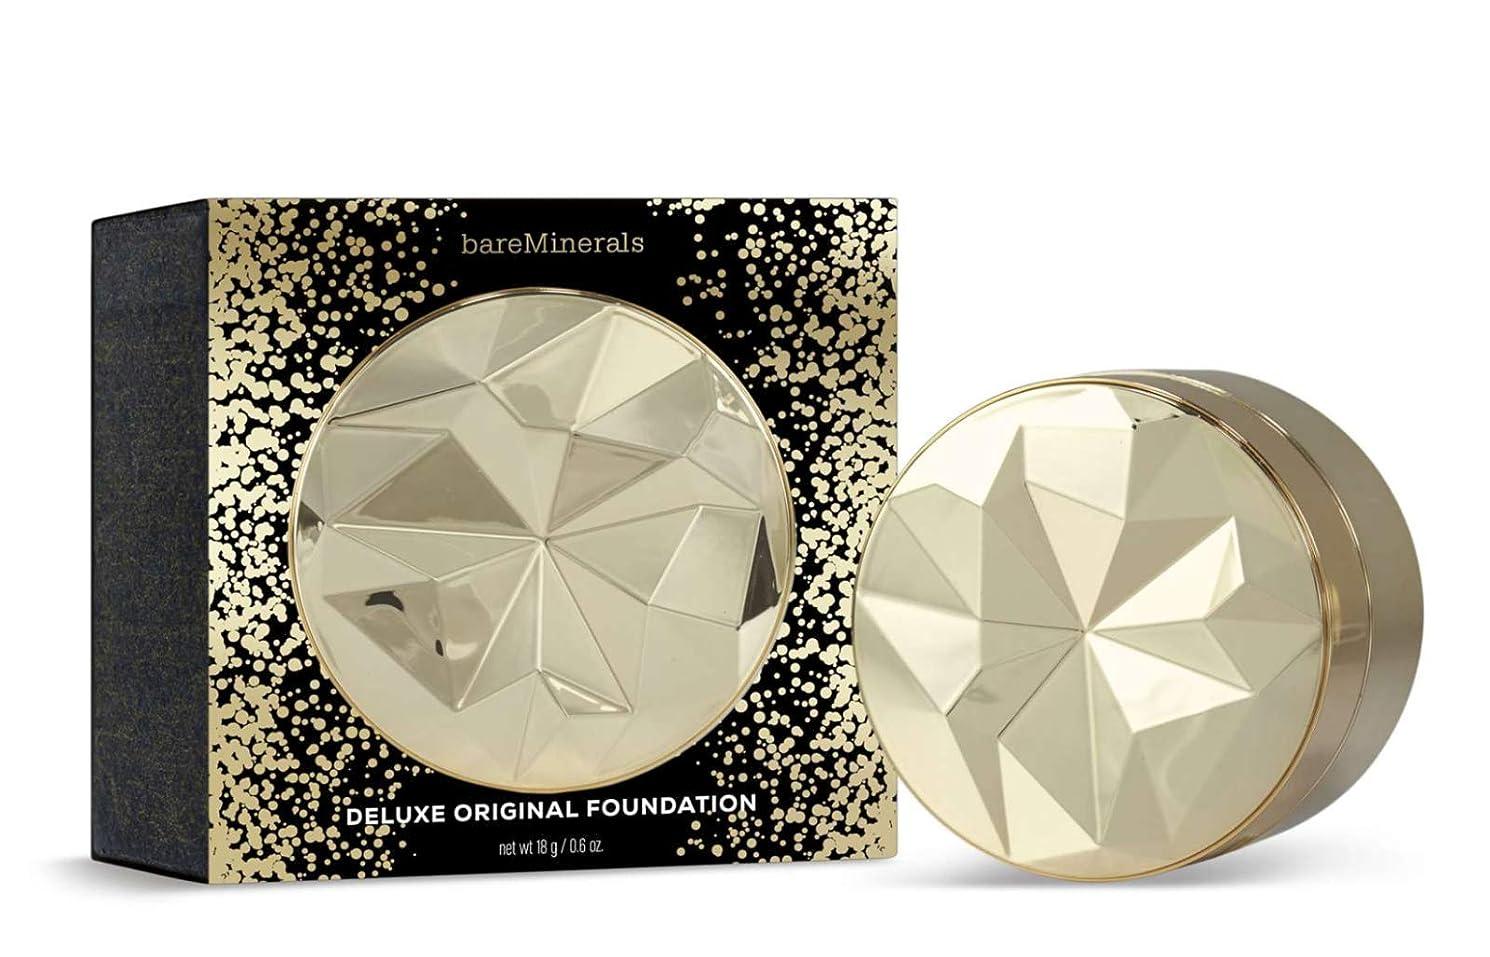 周辺消える痴漢ベアミネラル Collector's Edition Deluxe Original Foundation Broad Spectrum SPF 15 - # Medium 18g/0.6oz並行輸入品